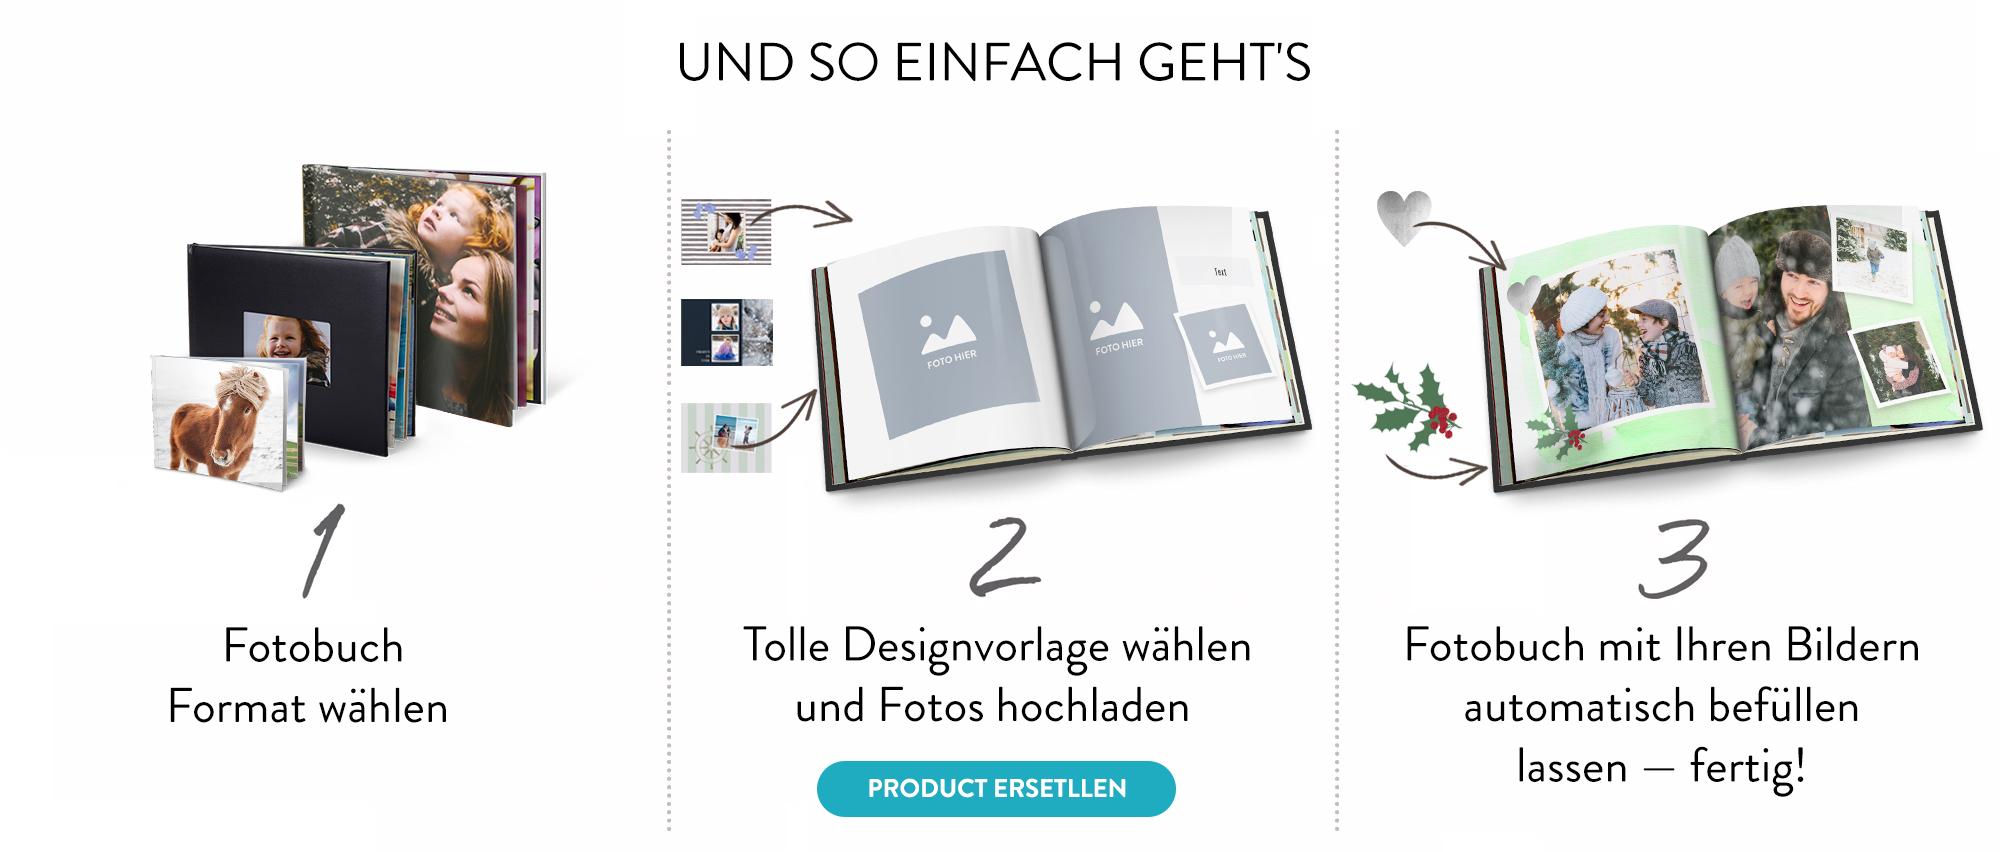 Fotobuch Erstellen Fotoalbum Designen Mehr Als 3000 Designs